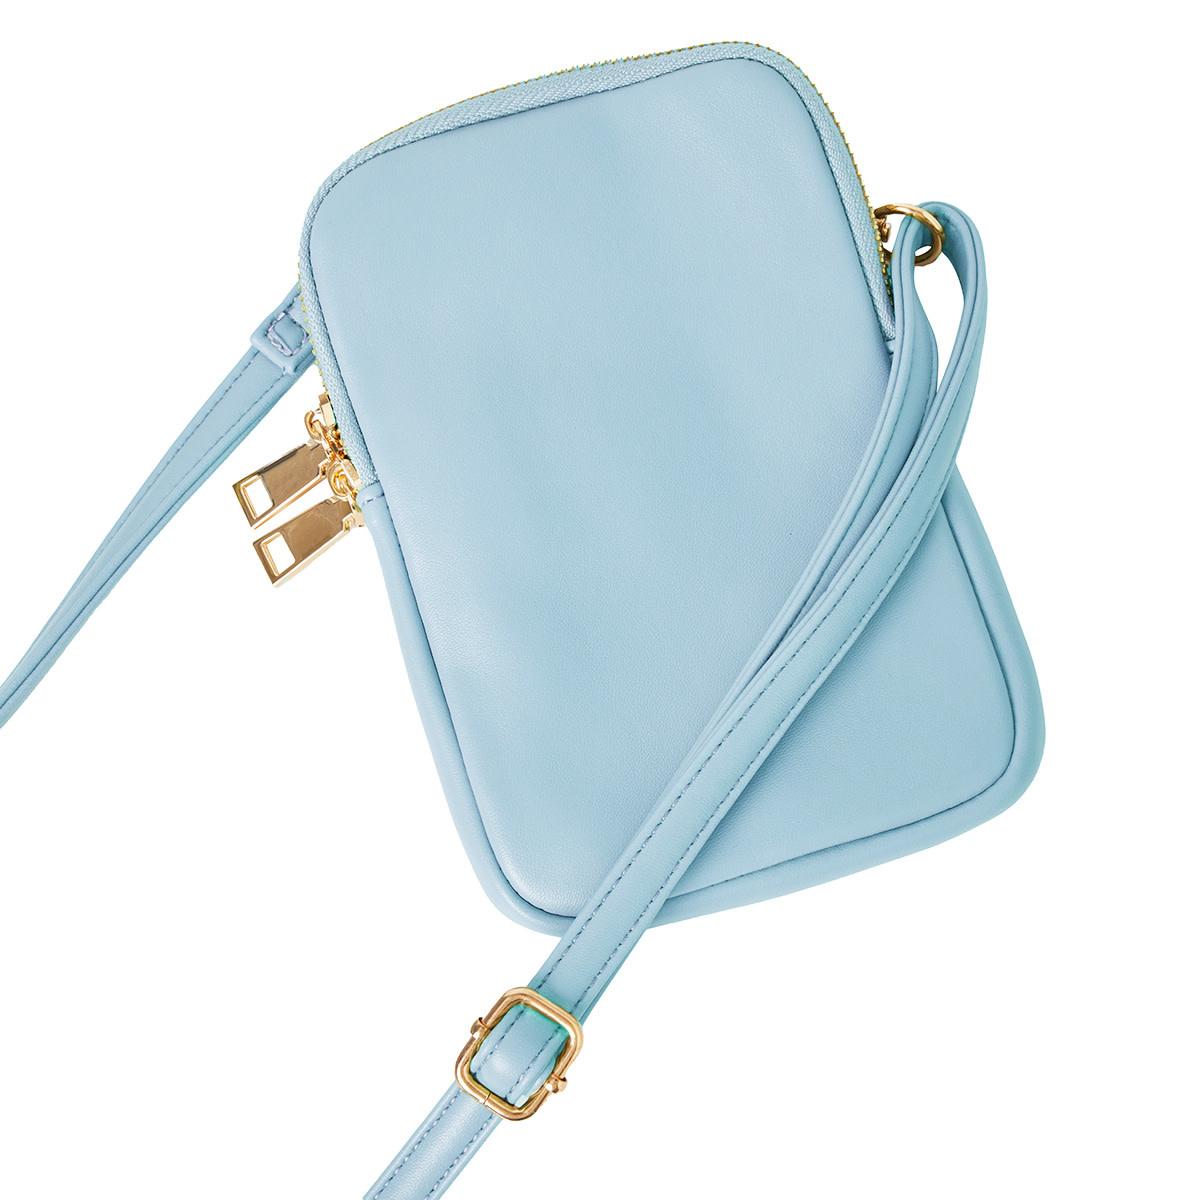 With love Bag XS - blue 19.50cm x 1.50cm x 13cm